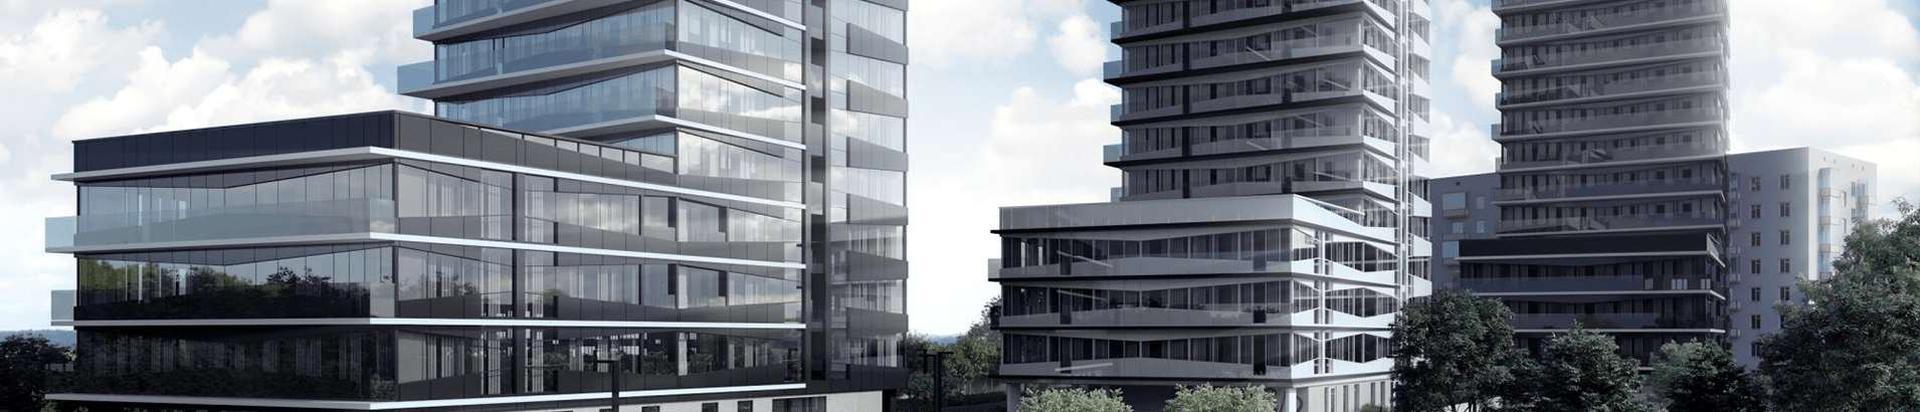 kinnisvarateenused, kinnisvara arenduse teenused (ehitus), ehitus, ehitamine